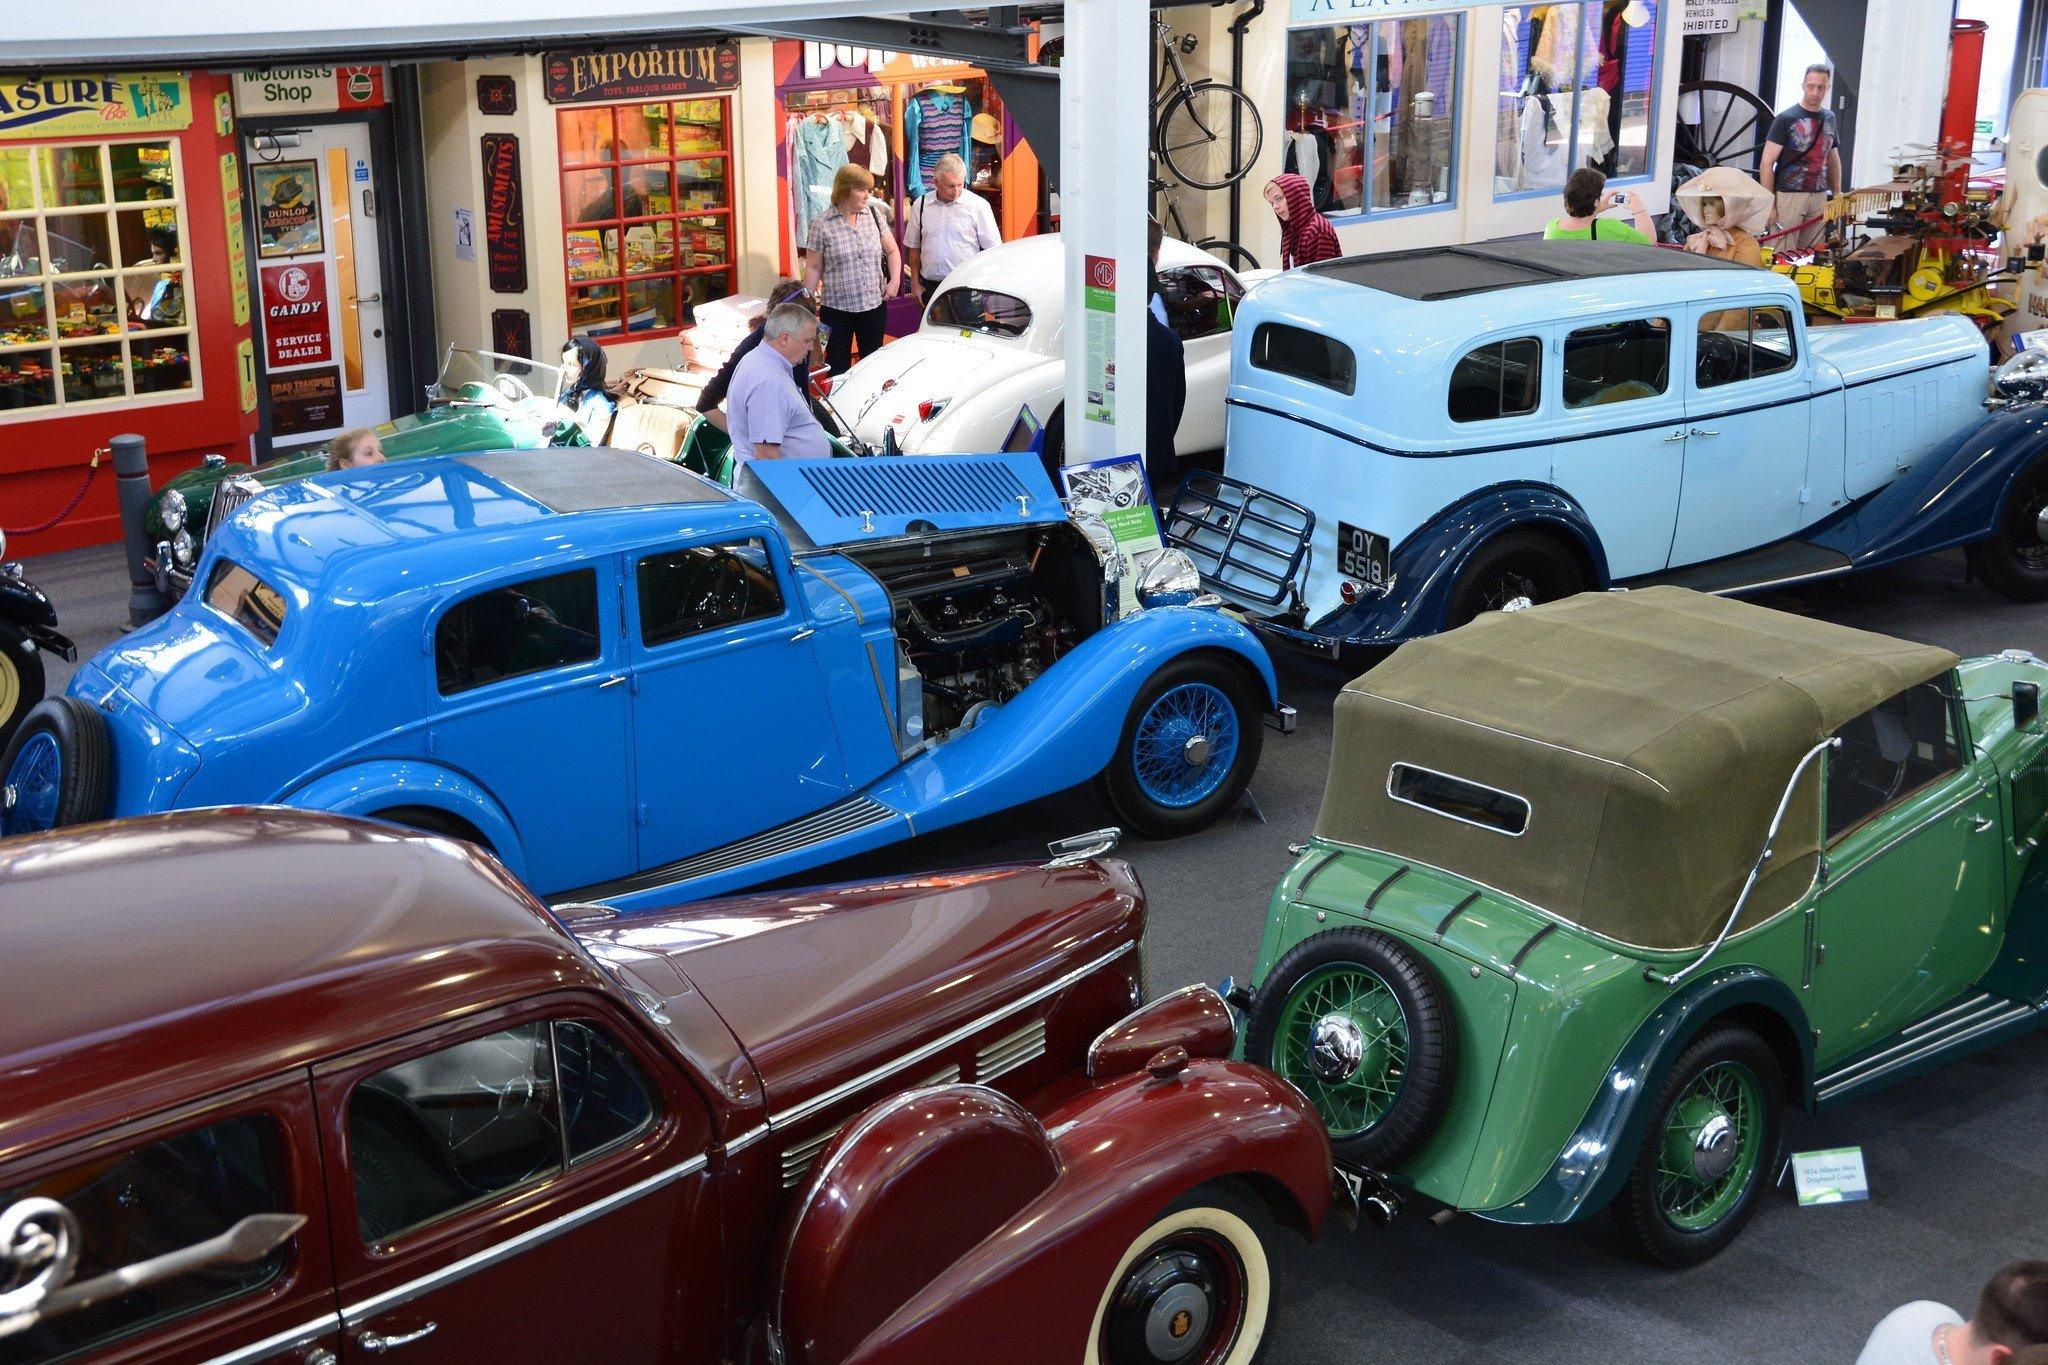 The Lakeland Motor Museum